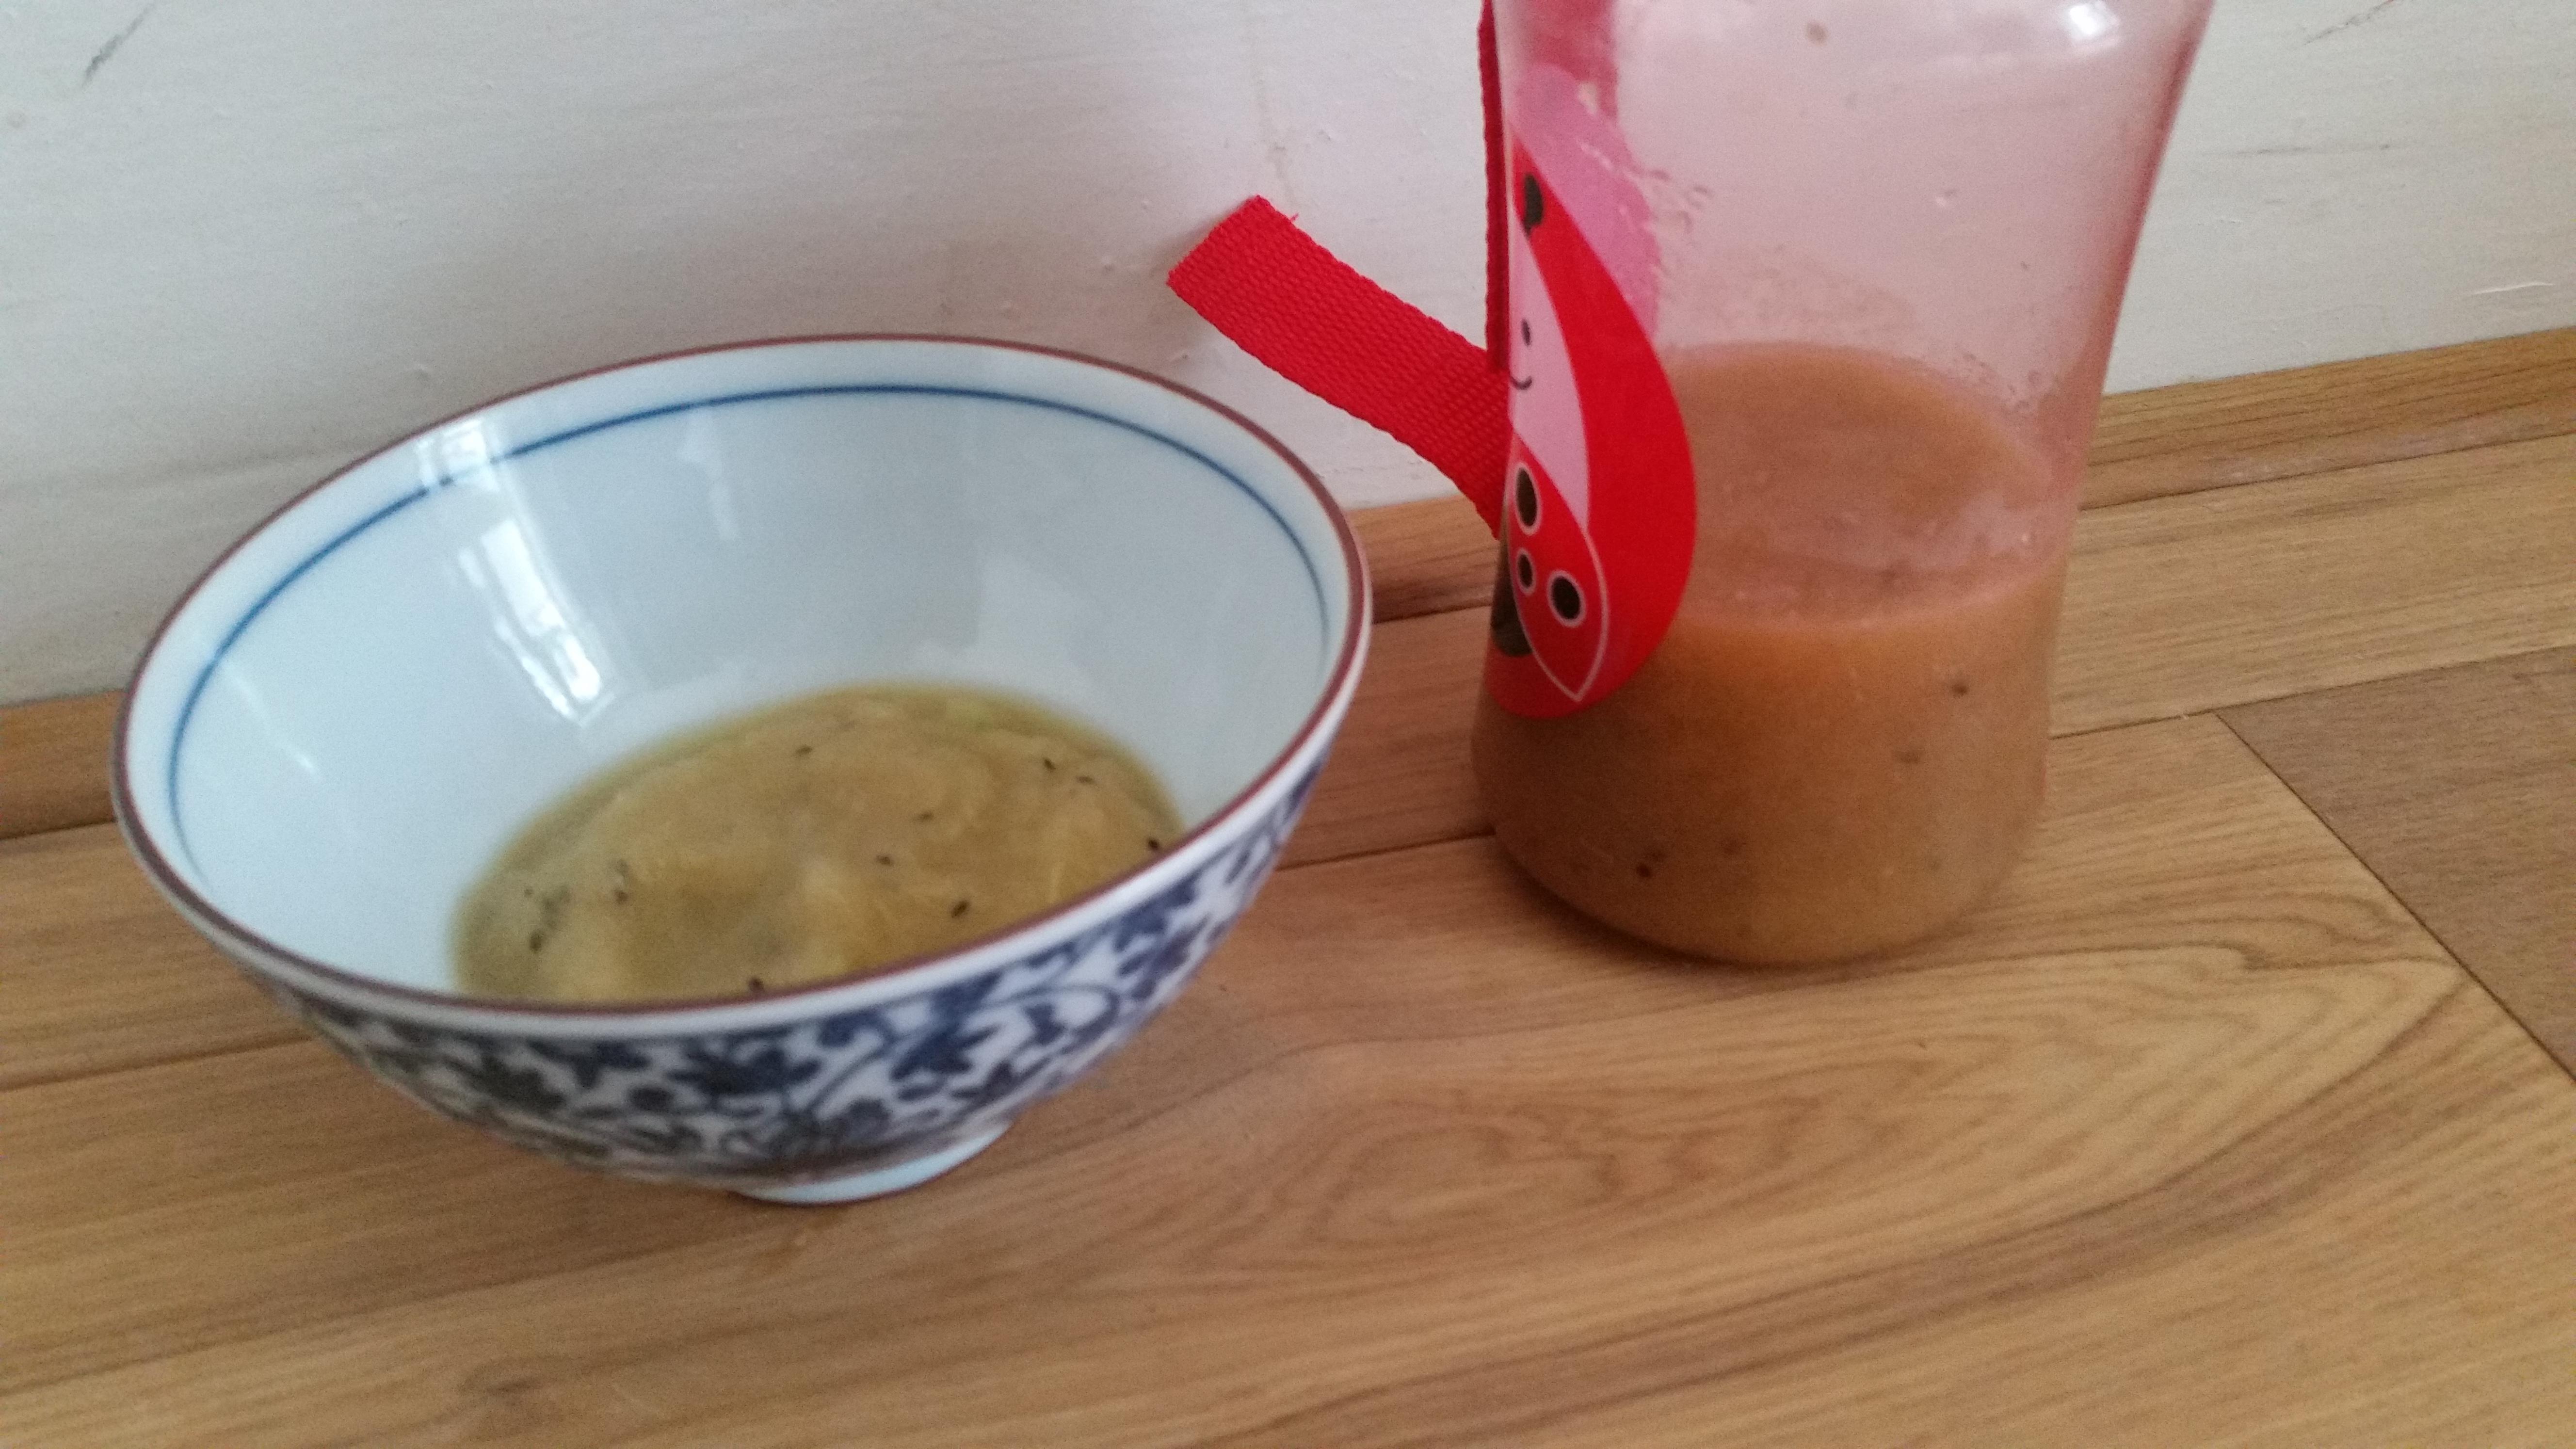 4-16-recept-smoothie-appel-banaan-kiwi-water-fruit-roeren-koken-vitamine-nanny-koken-moeder-amsterdam-gezond-schaaltje